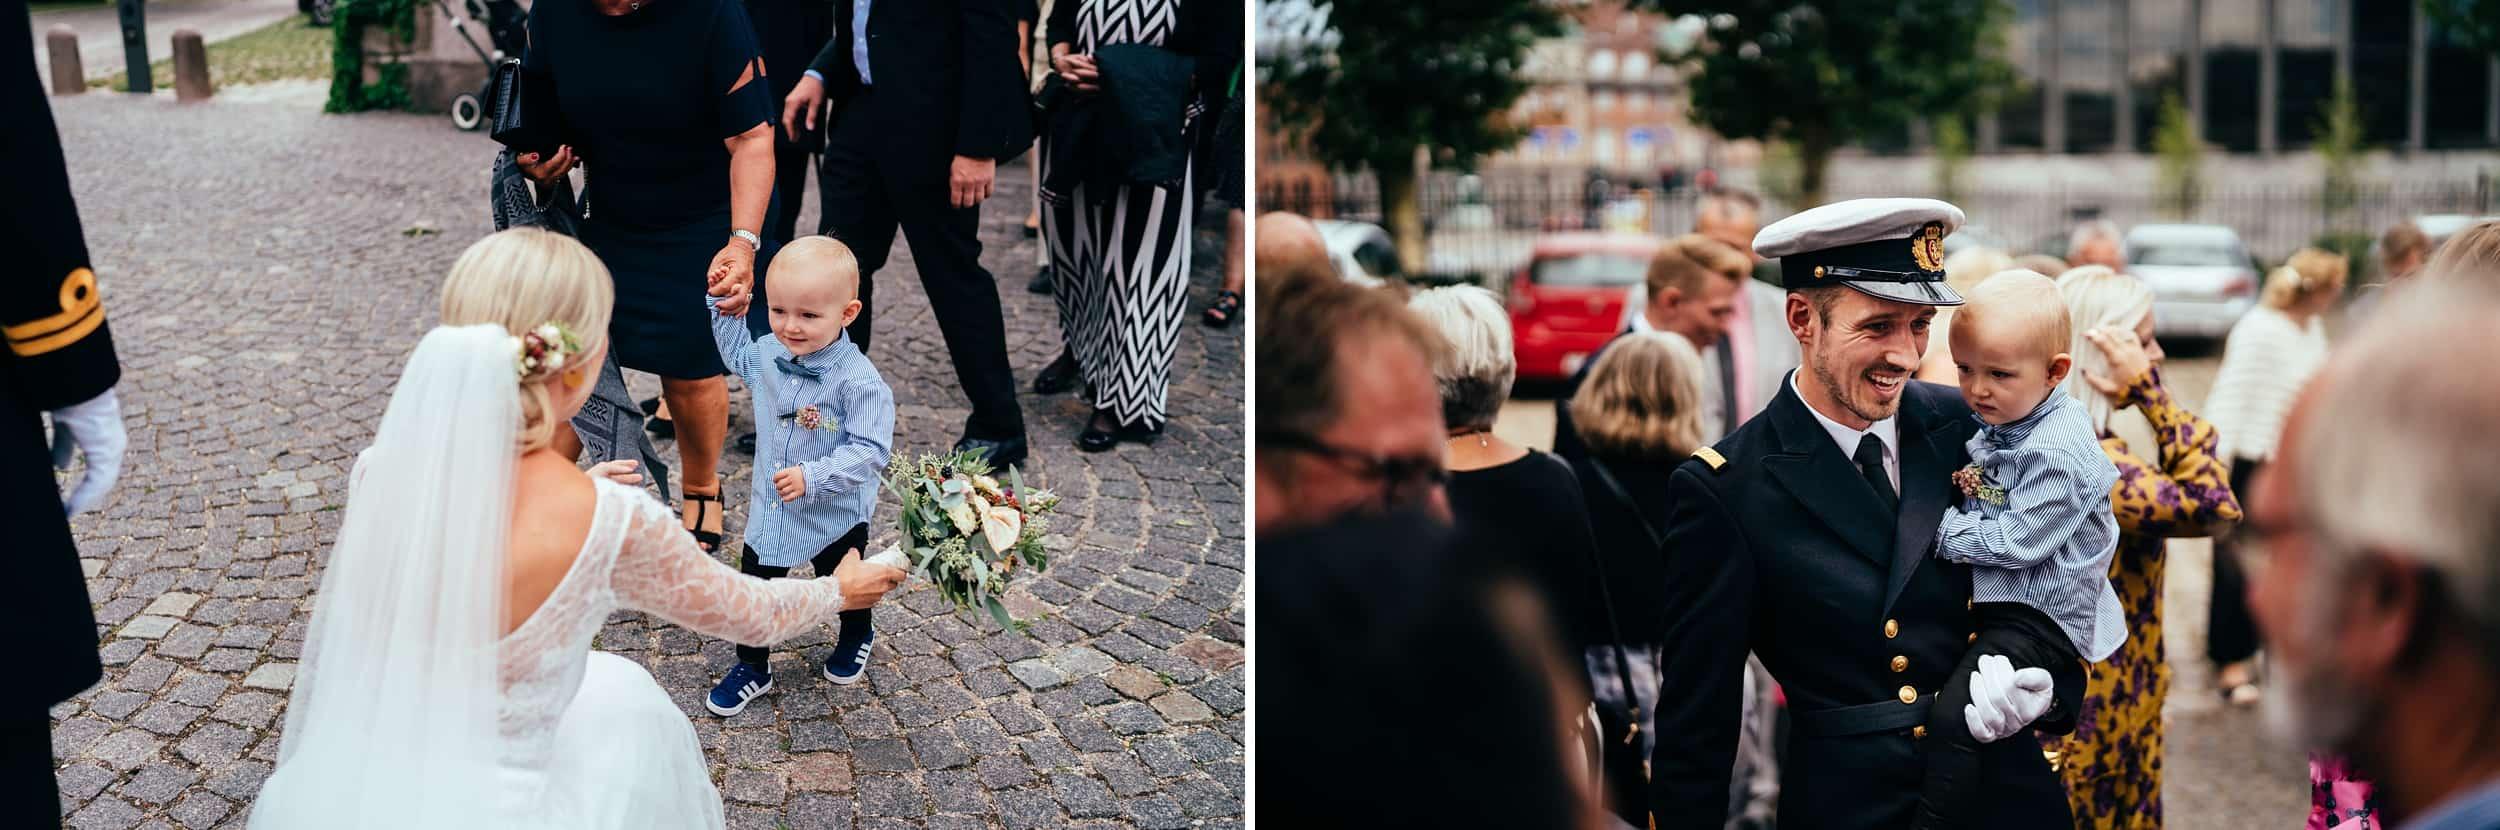 brudepar-med-deres-søn.jpg